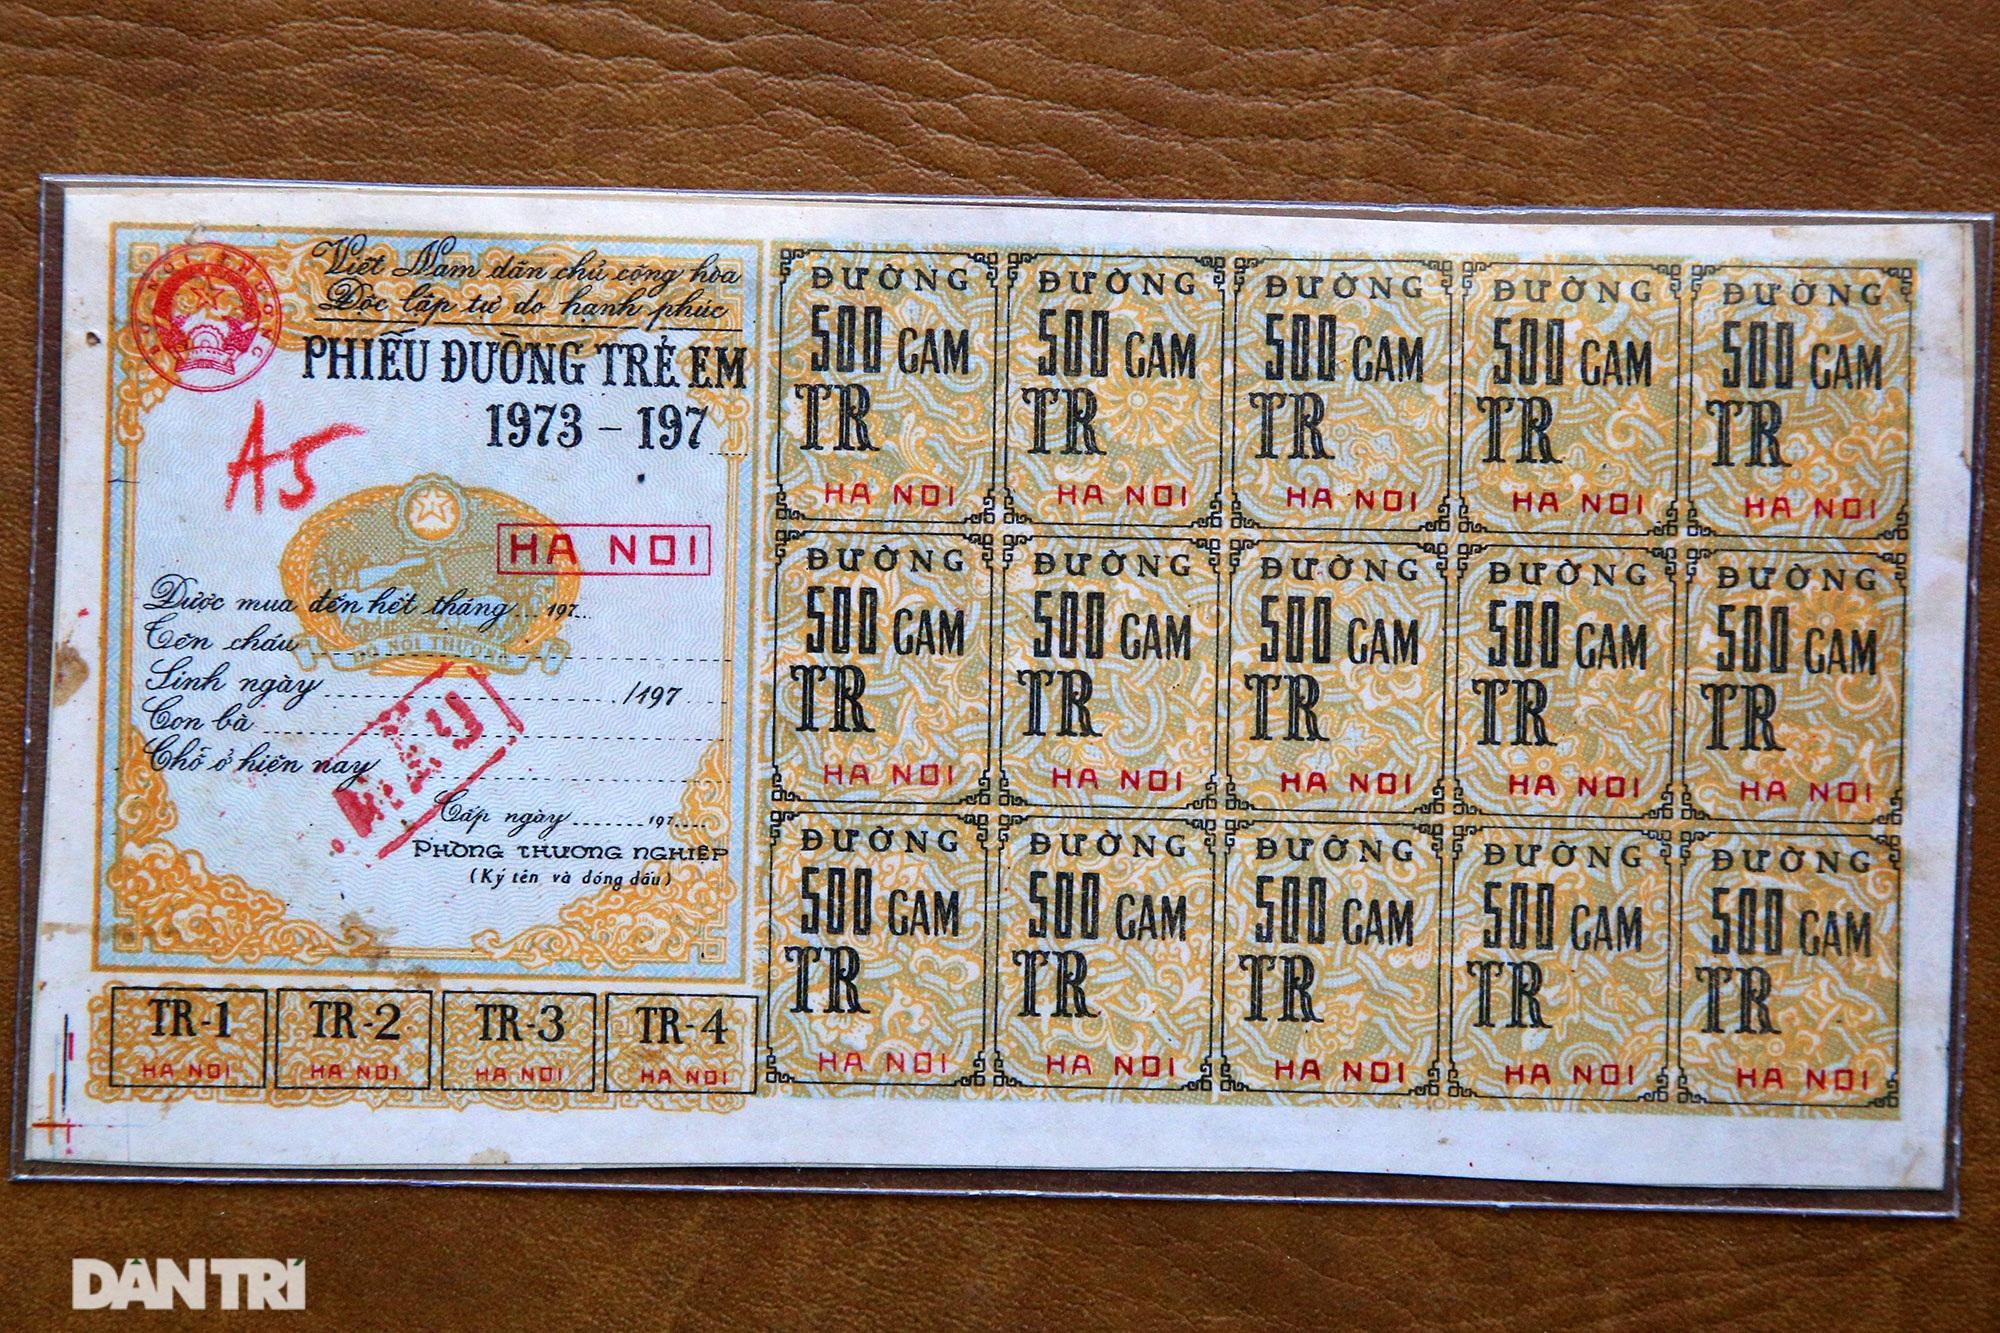 Ký ức gian khó qua bộ sưu tập tem phiếu, sổ gạo thời bao cấp - 10